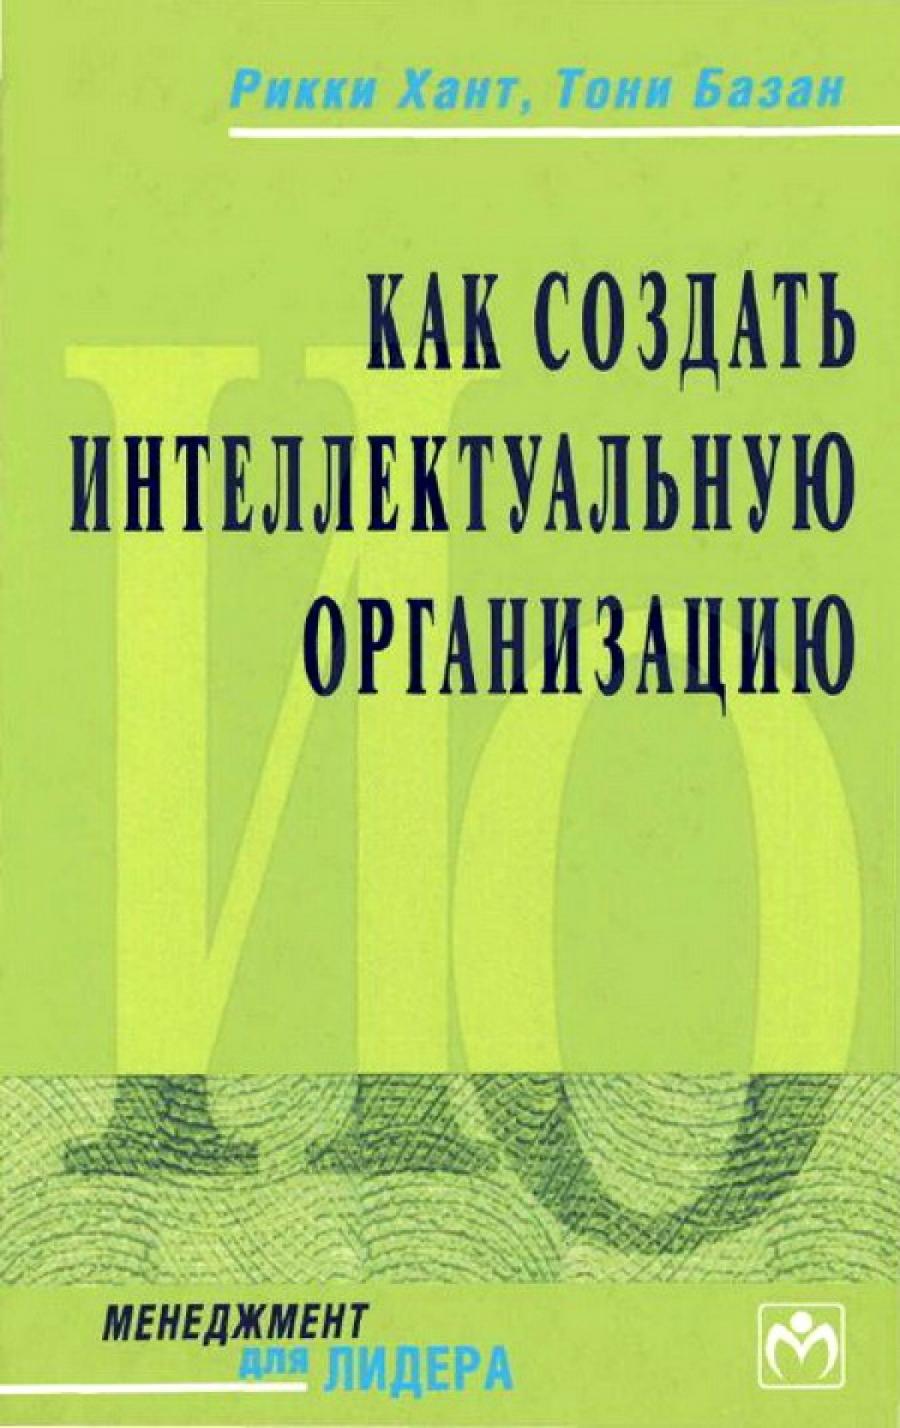 Обложка книги:  рикки хант, тони базан - как создать интеллектуальную организацию.